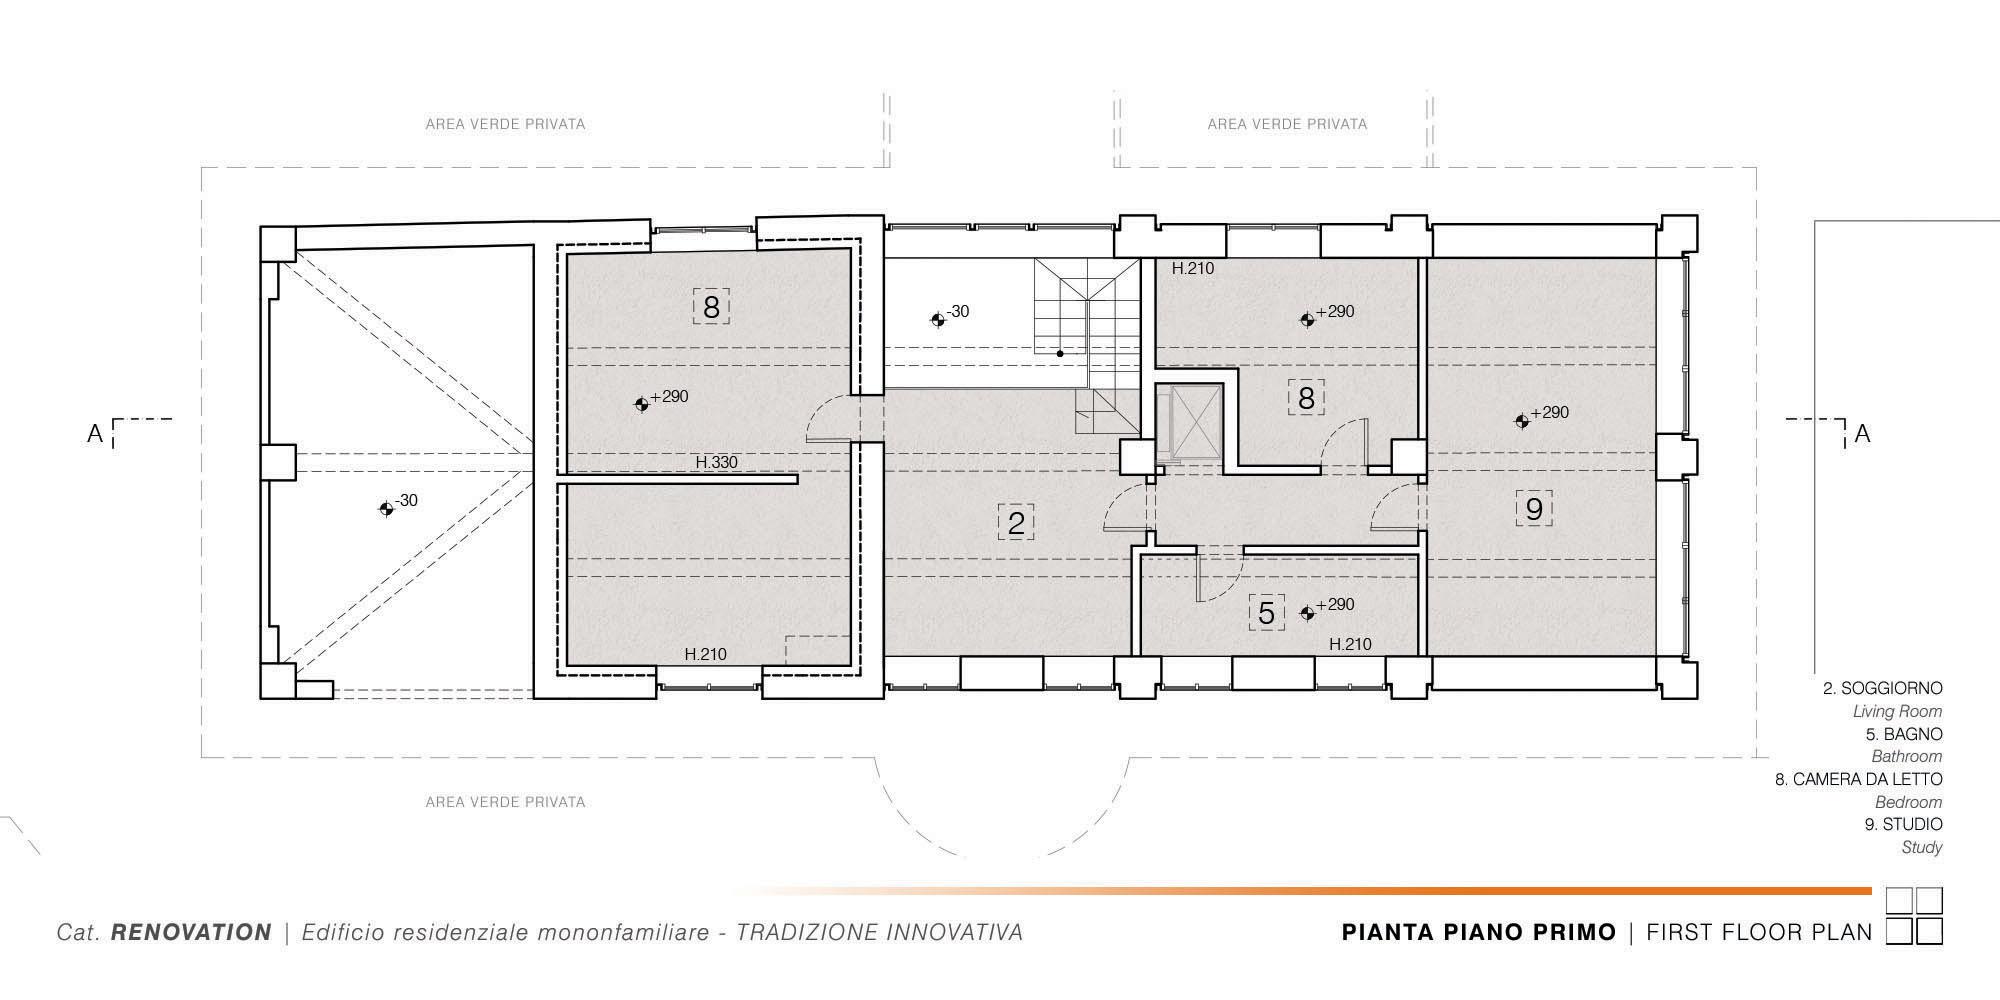 Edificio Residenziale Monofamiliare - TRADIZIONE INNOVATIVA - 003 - First Floor Plan }